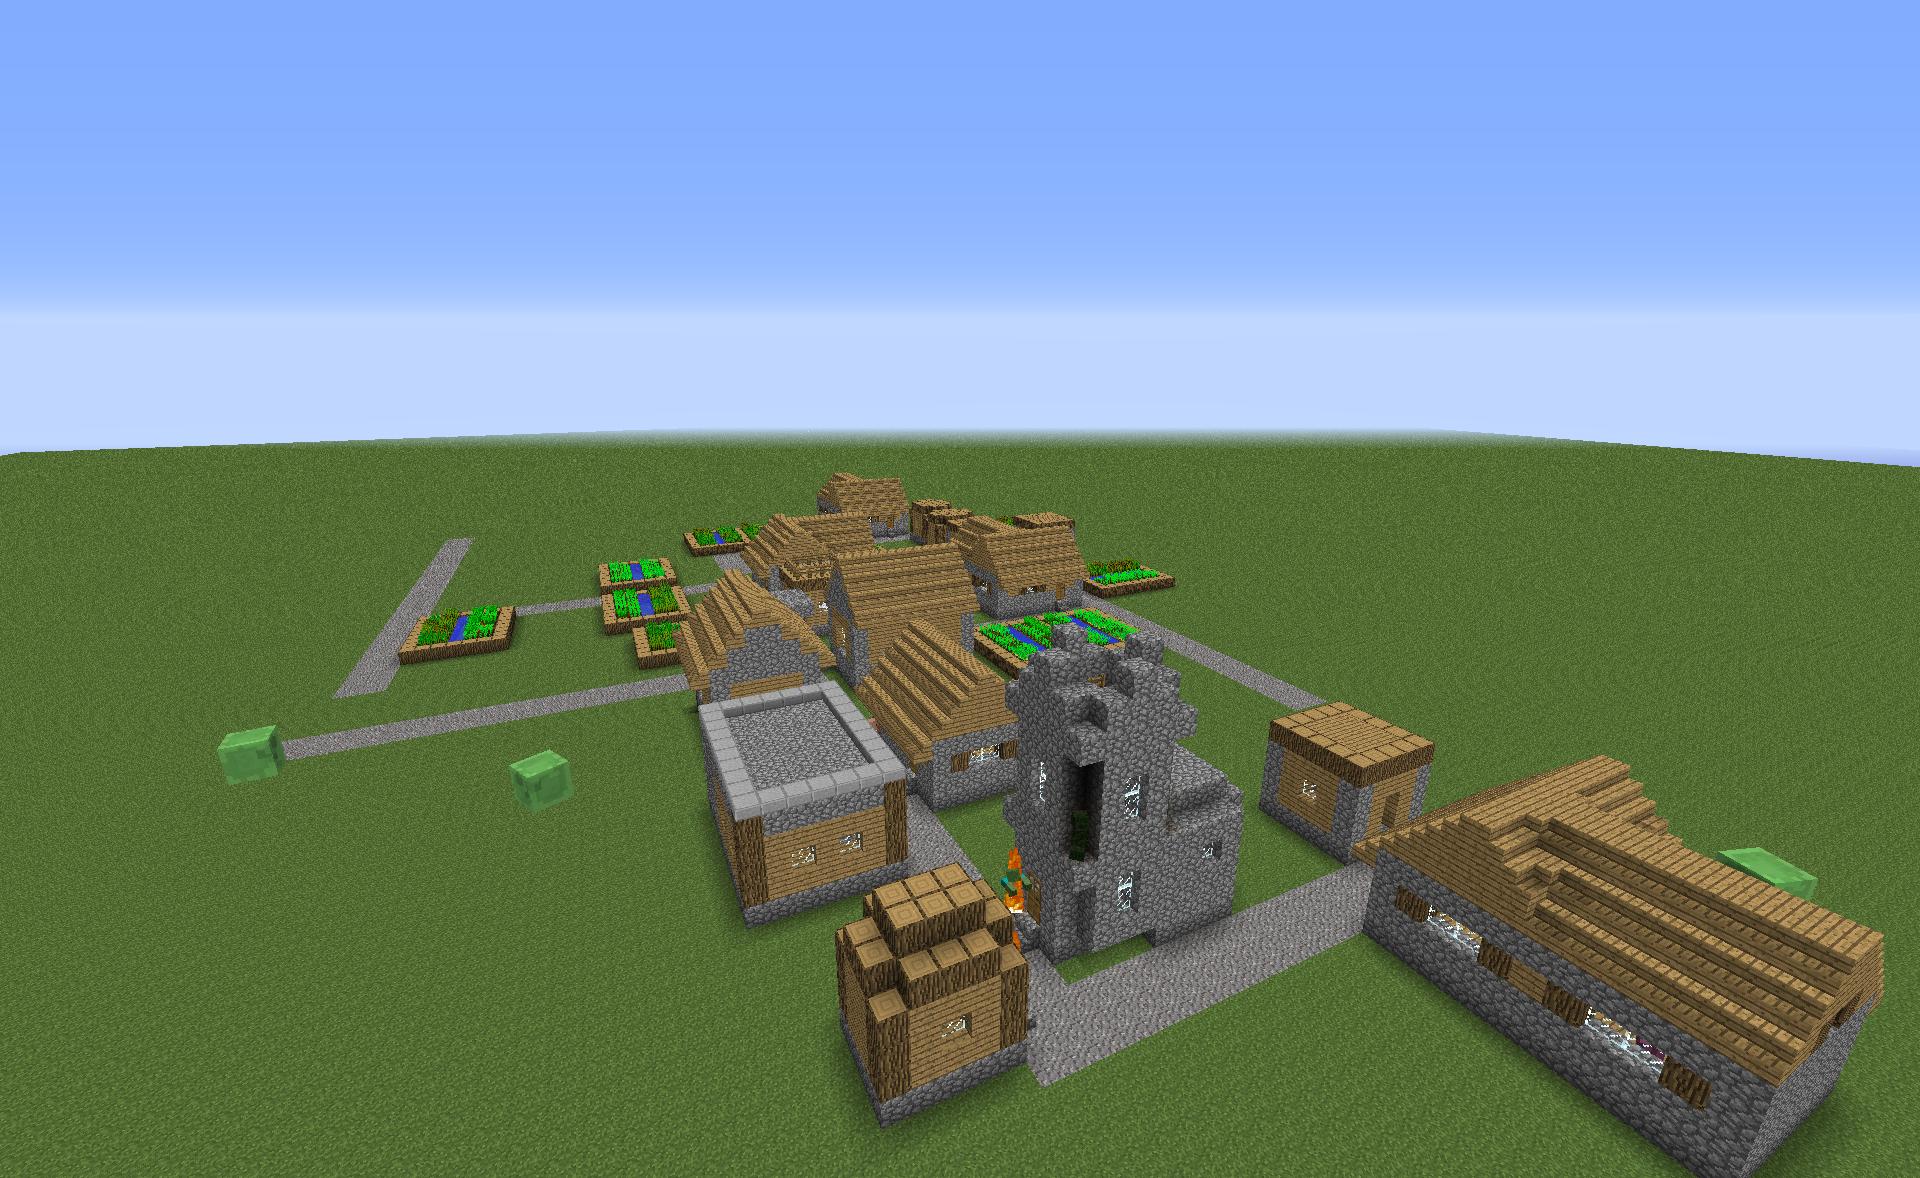 Un monde ouvert Le jeu est un open world, composé de cubes et d'éléments de décorations dans le style voxel rendu populaire par  Minecraft.Les dernières mise à jour de Minecraft semblent beaucoup inspirer les développeurs de Hytale. On retrouve toutes les caractéristiques des fonds...